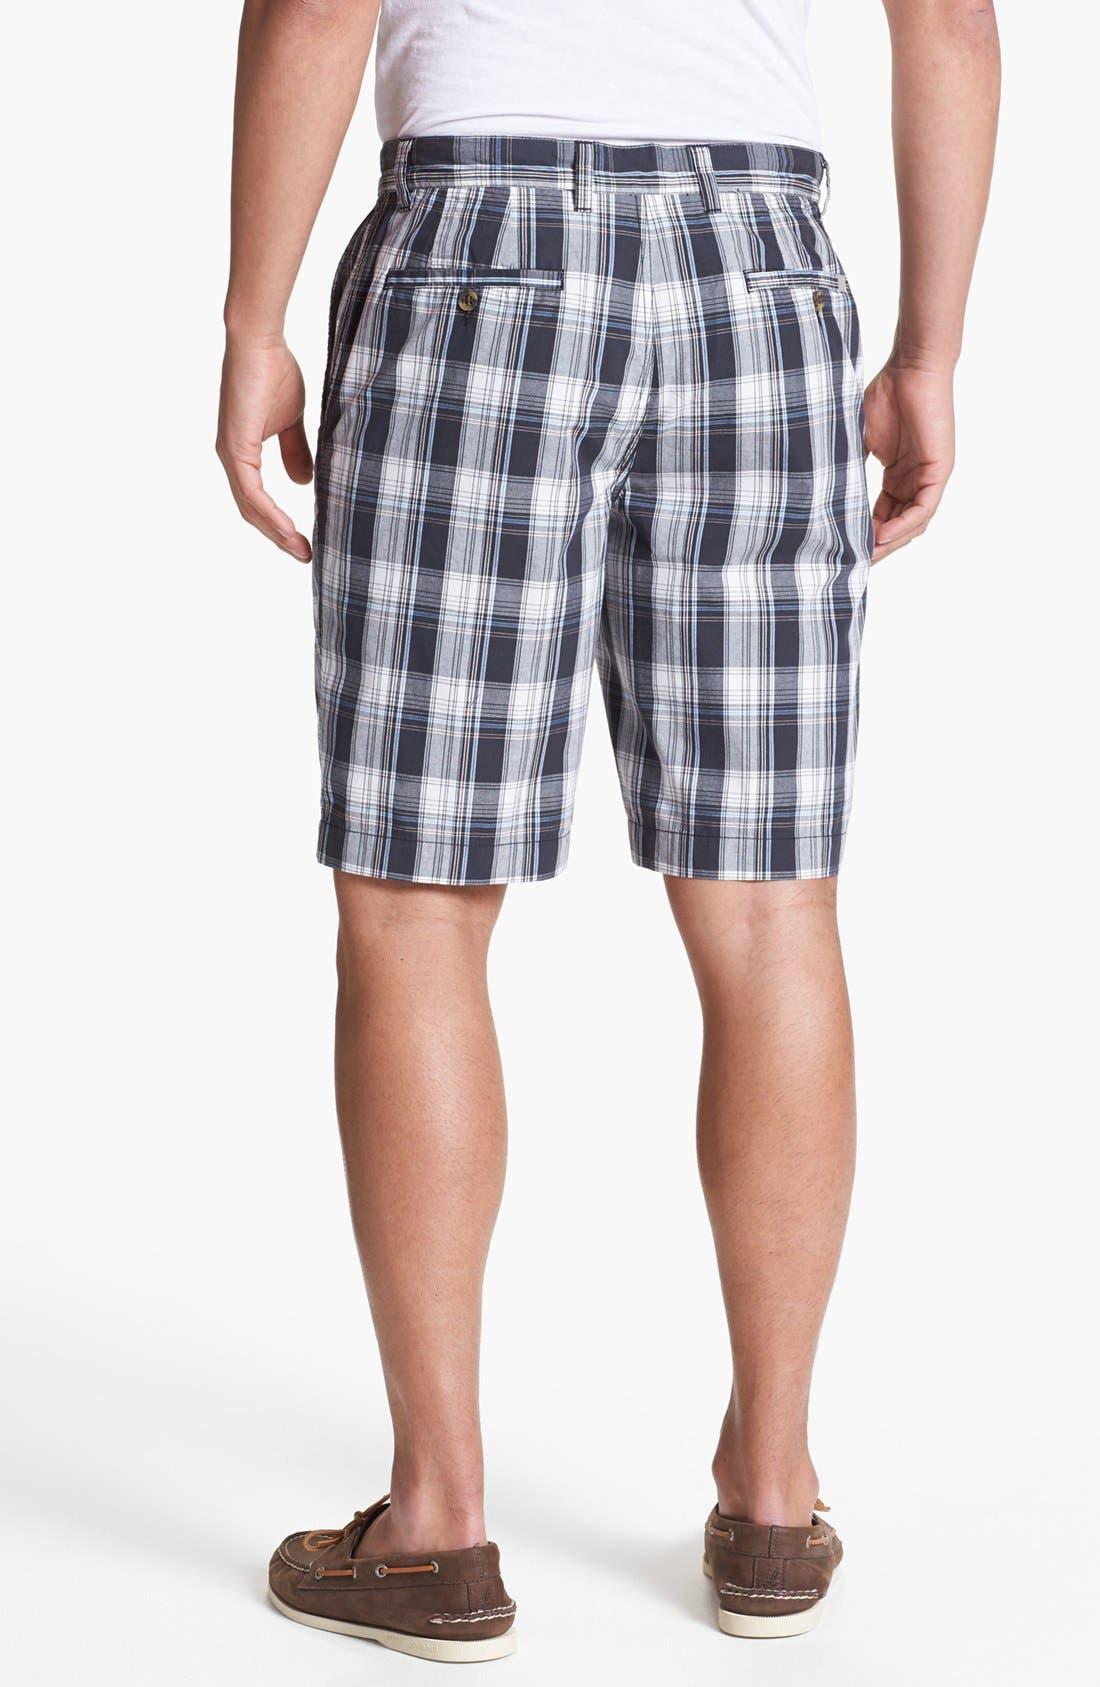 Alternate Image 2  - Wallin & Bros. 'Lanspur' Shorts